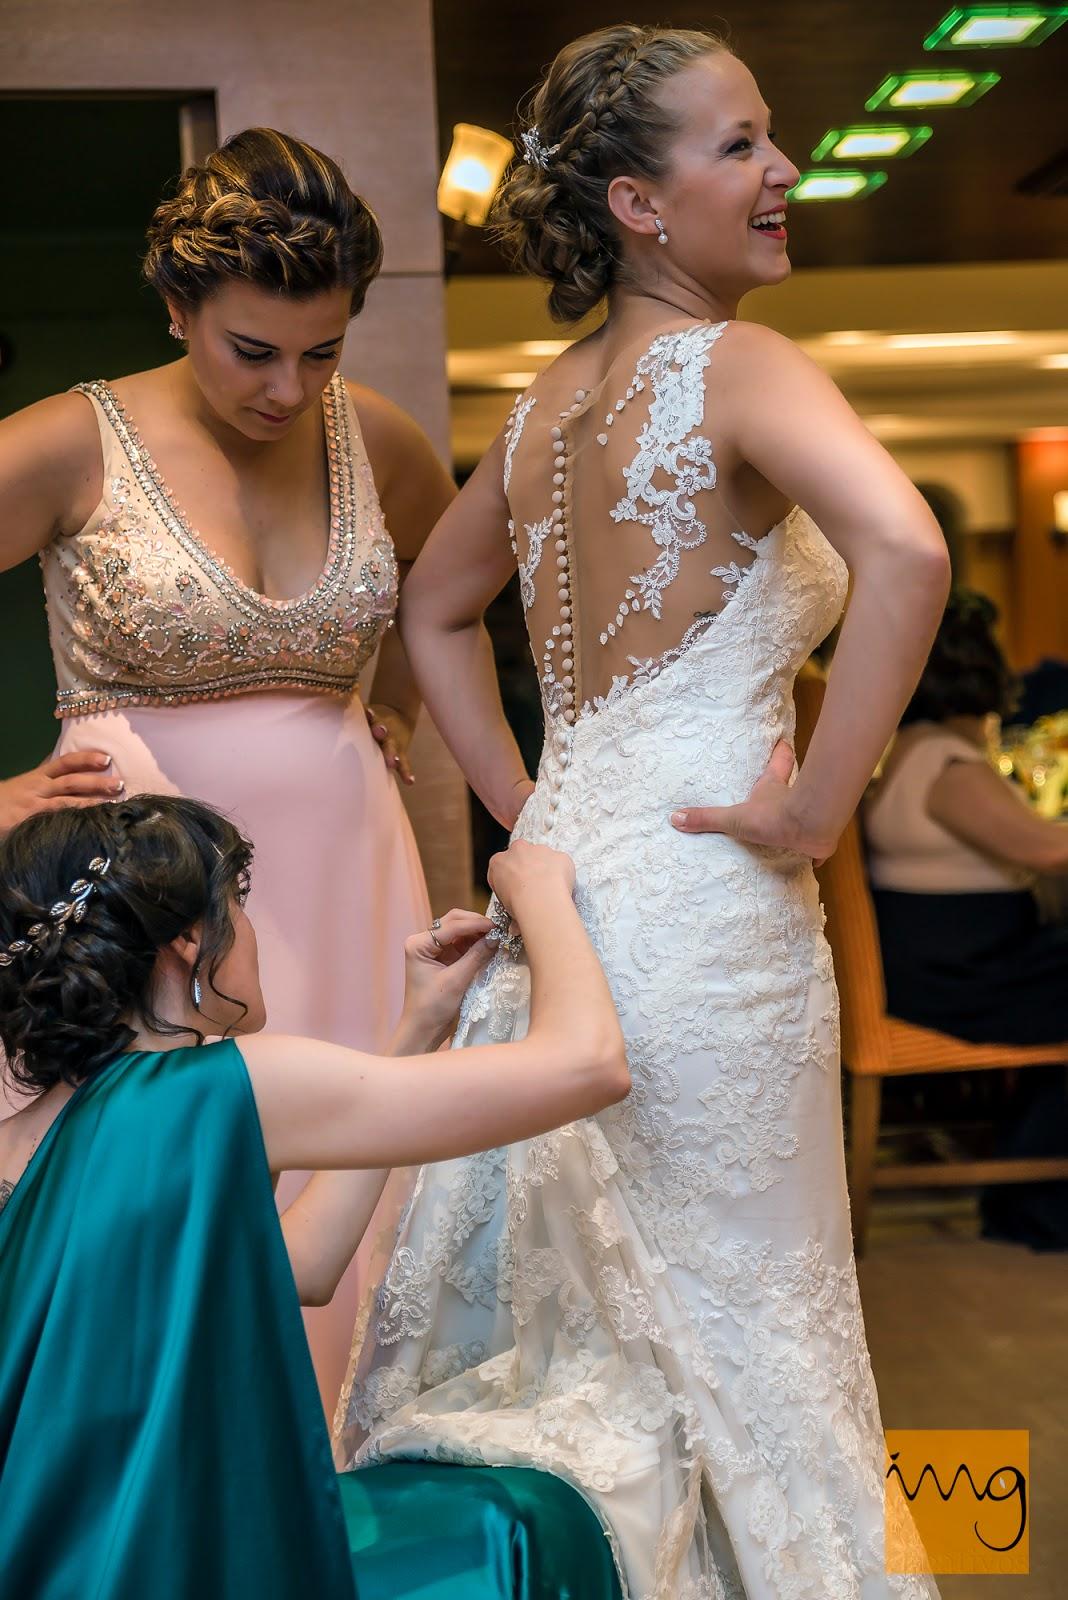 Fotografía de la novia recogiendo la cola del vestido de boda.